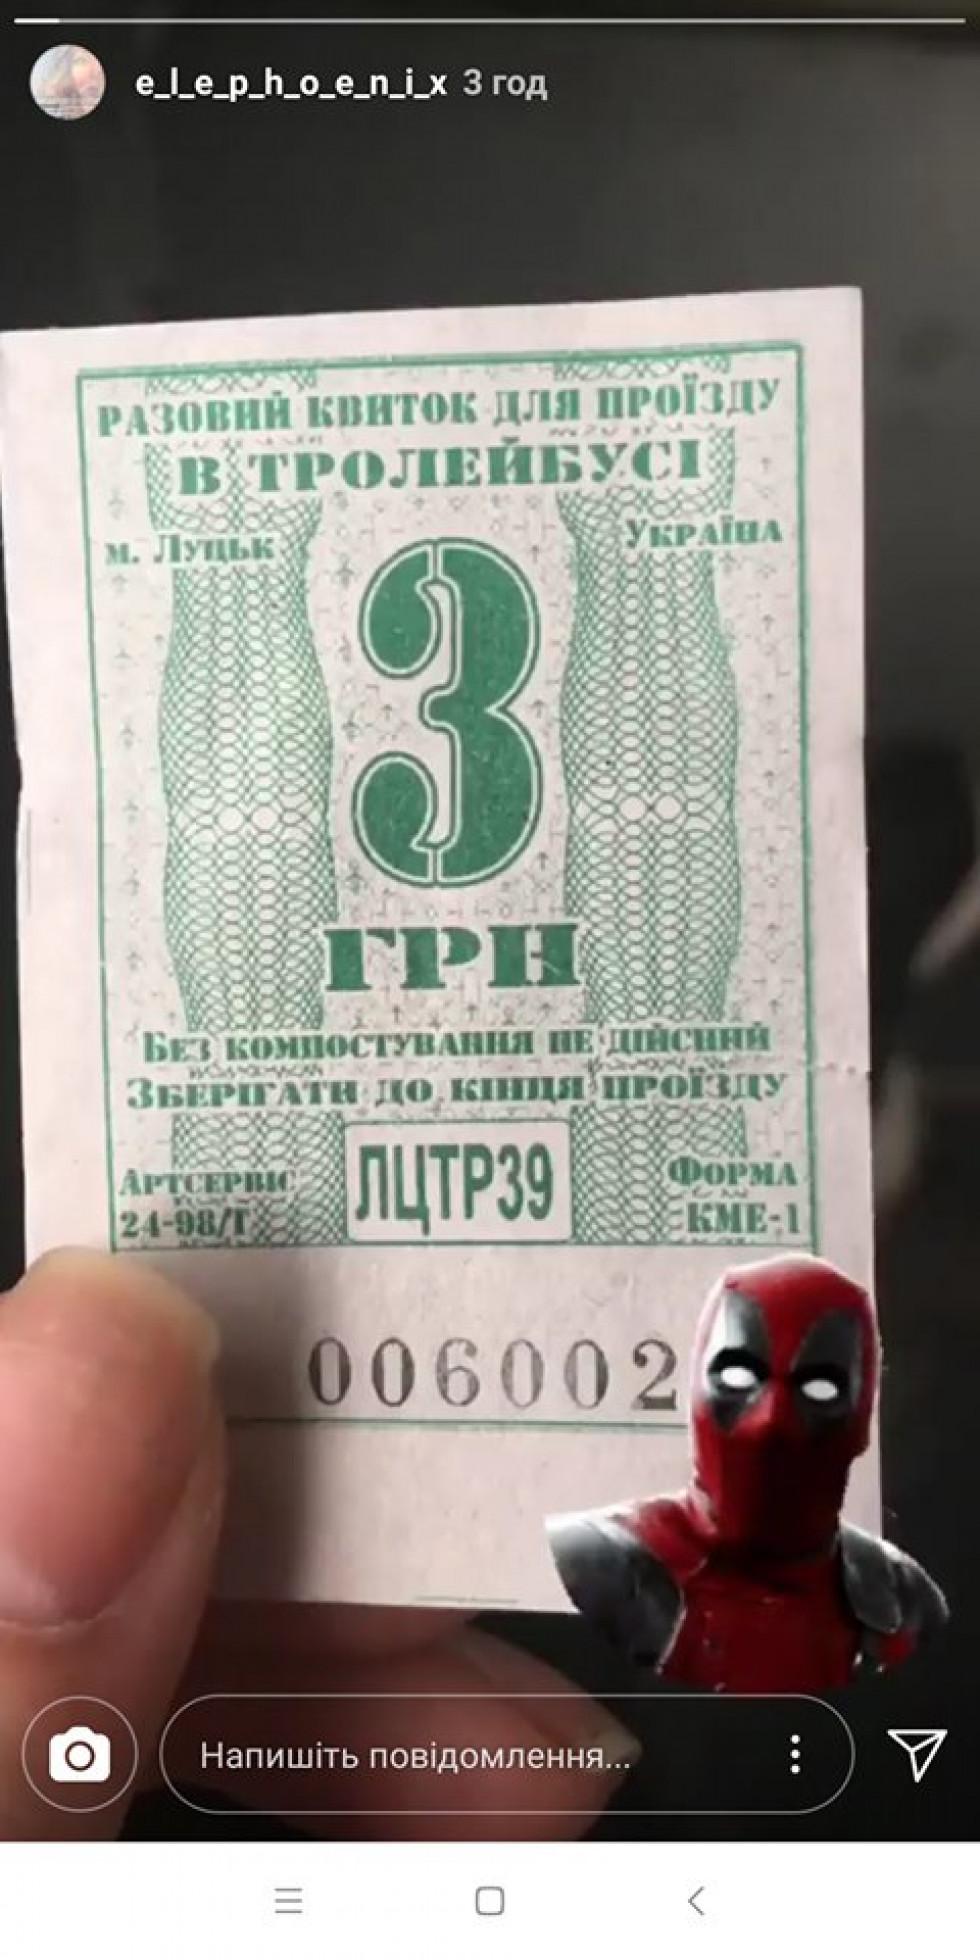 Тепер квиток на проїзд коштує 3 гривні